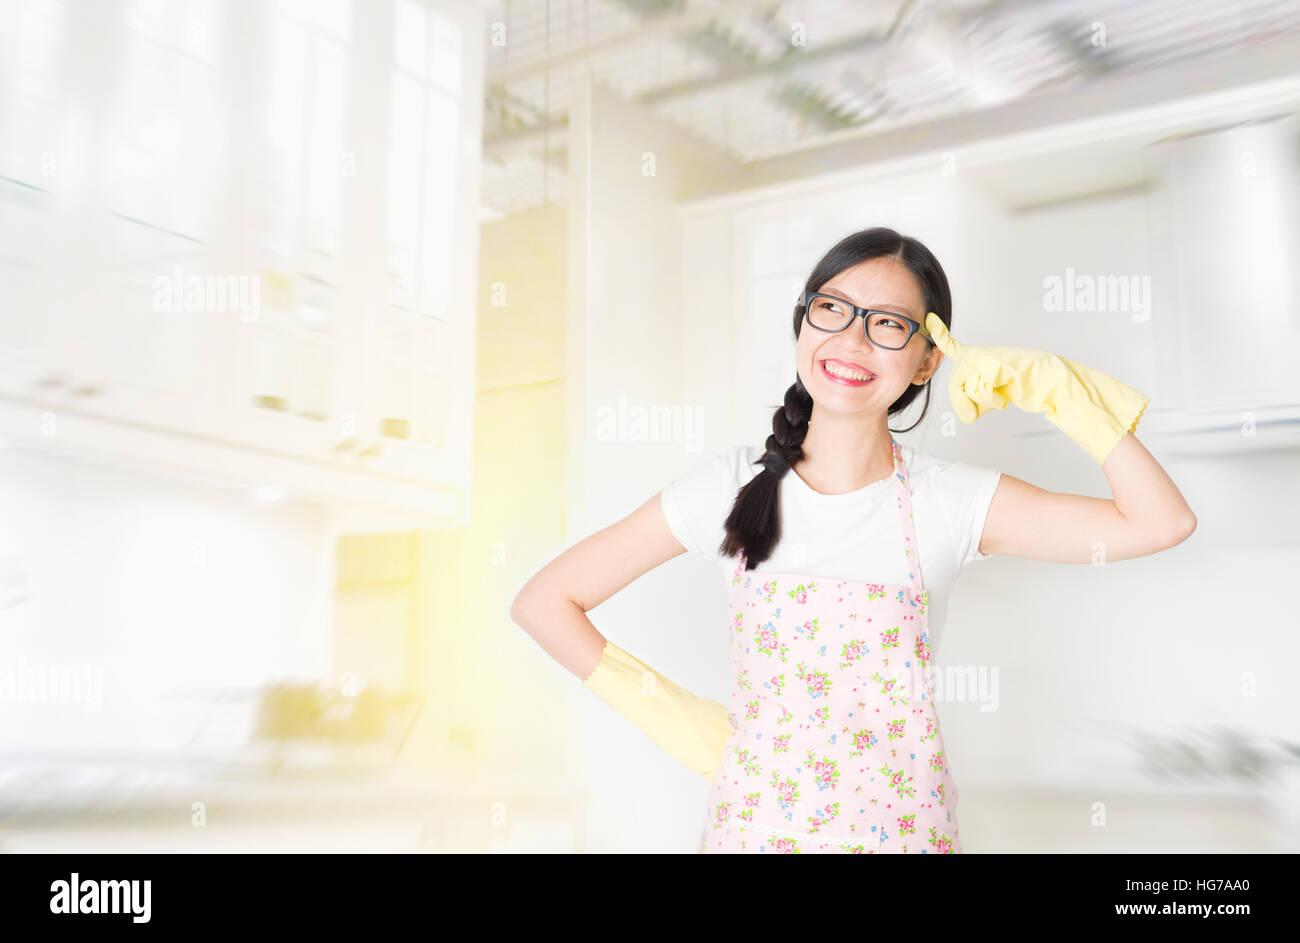 Junge asiatische Hausfrau beim Putzen der Küche zu denken Stockfoto ...